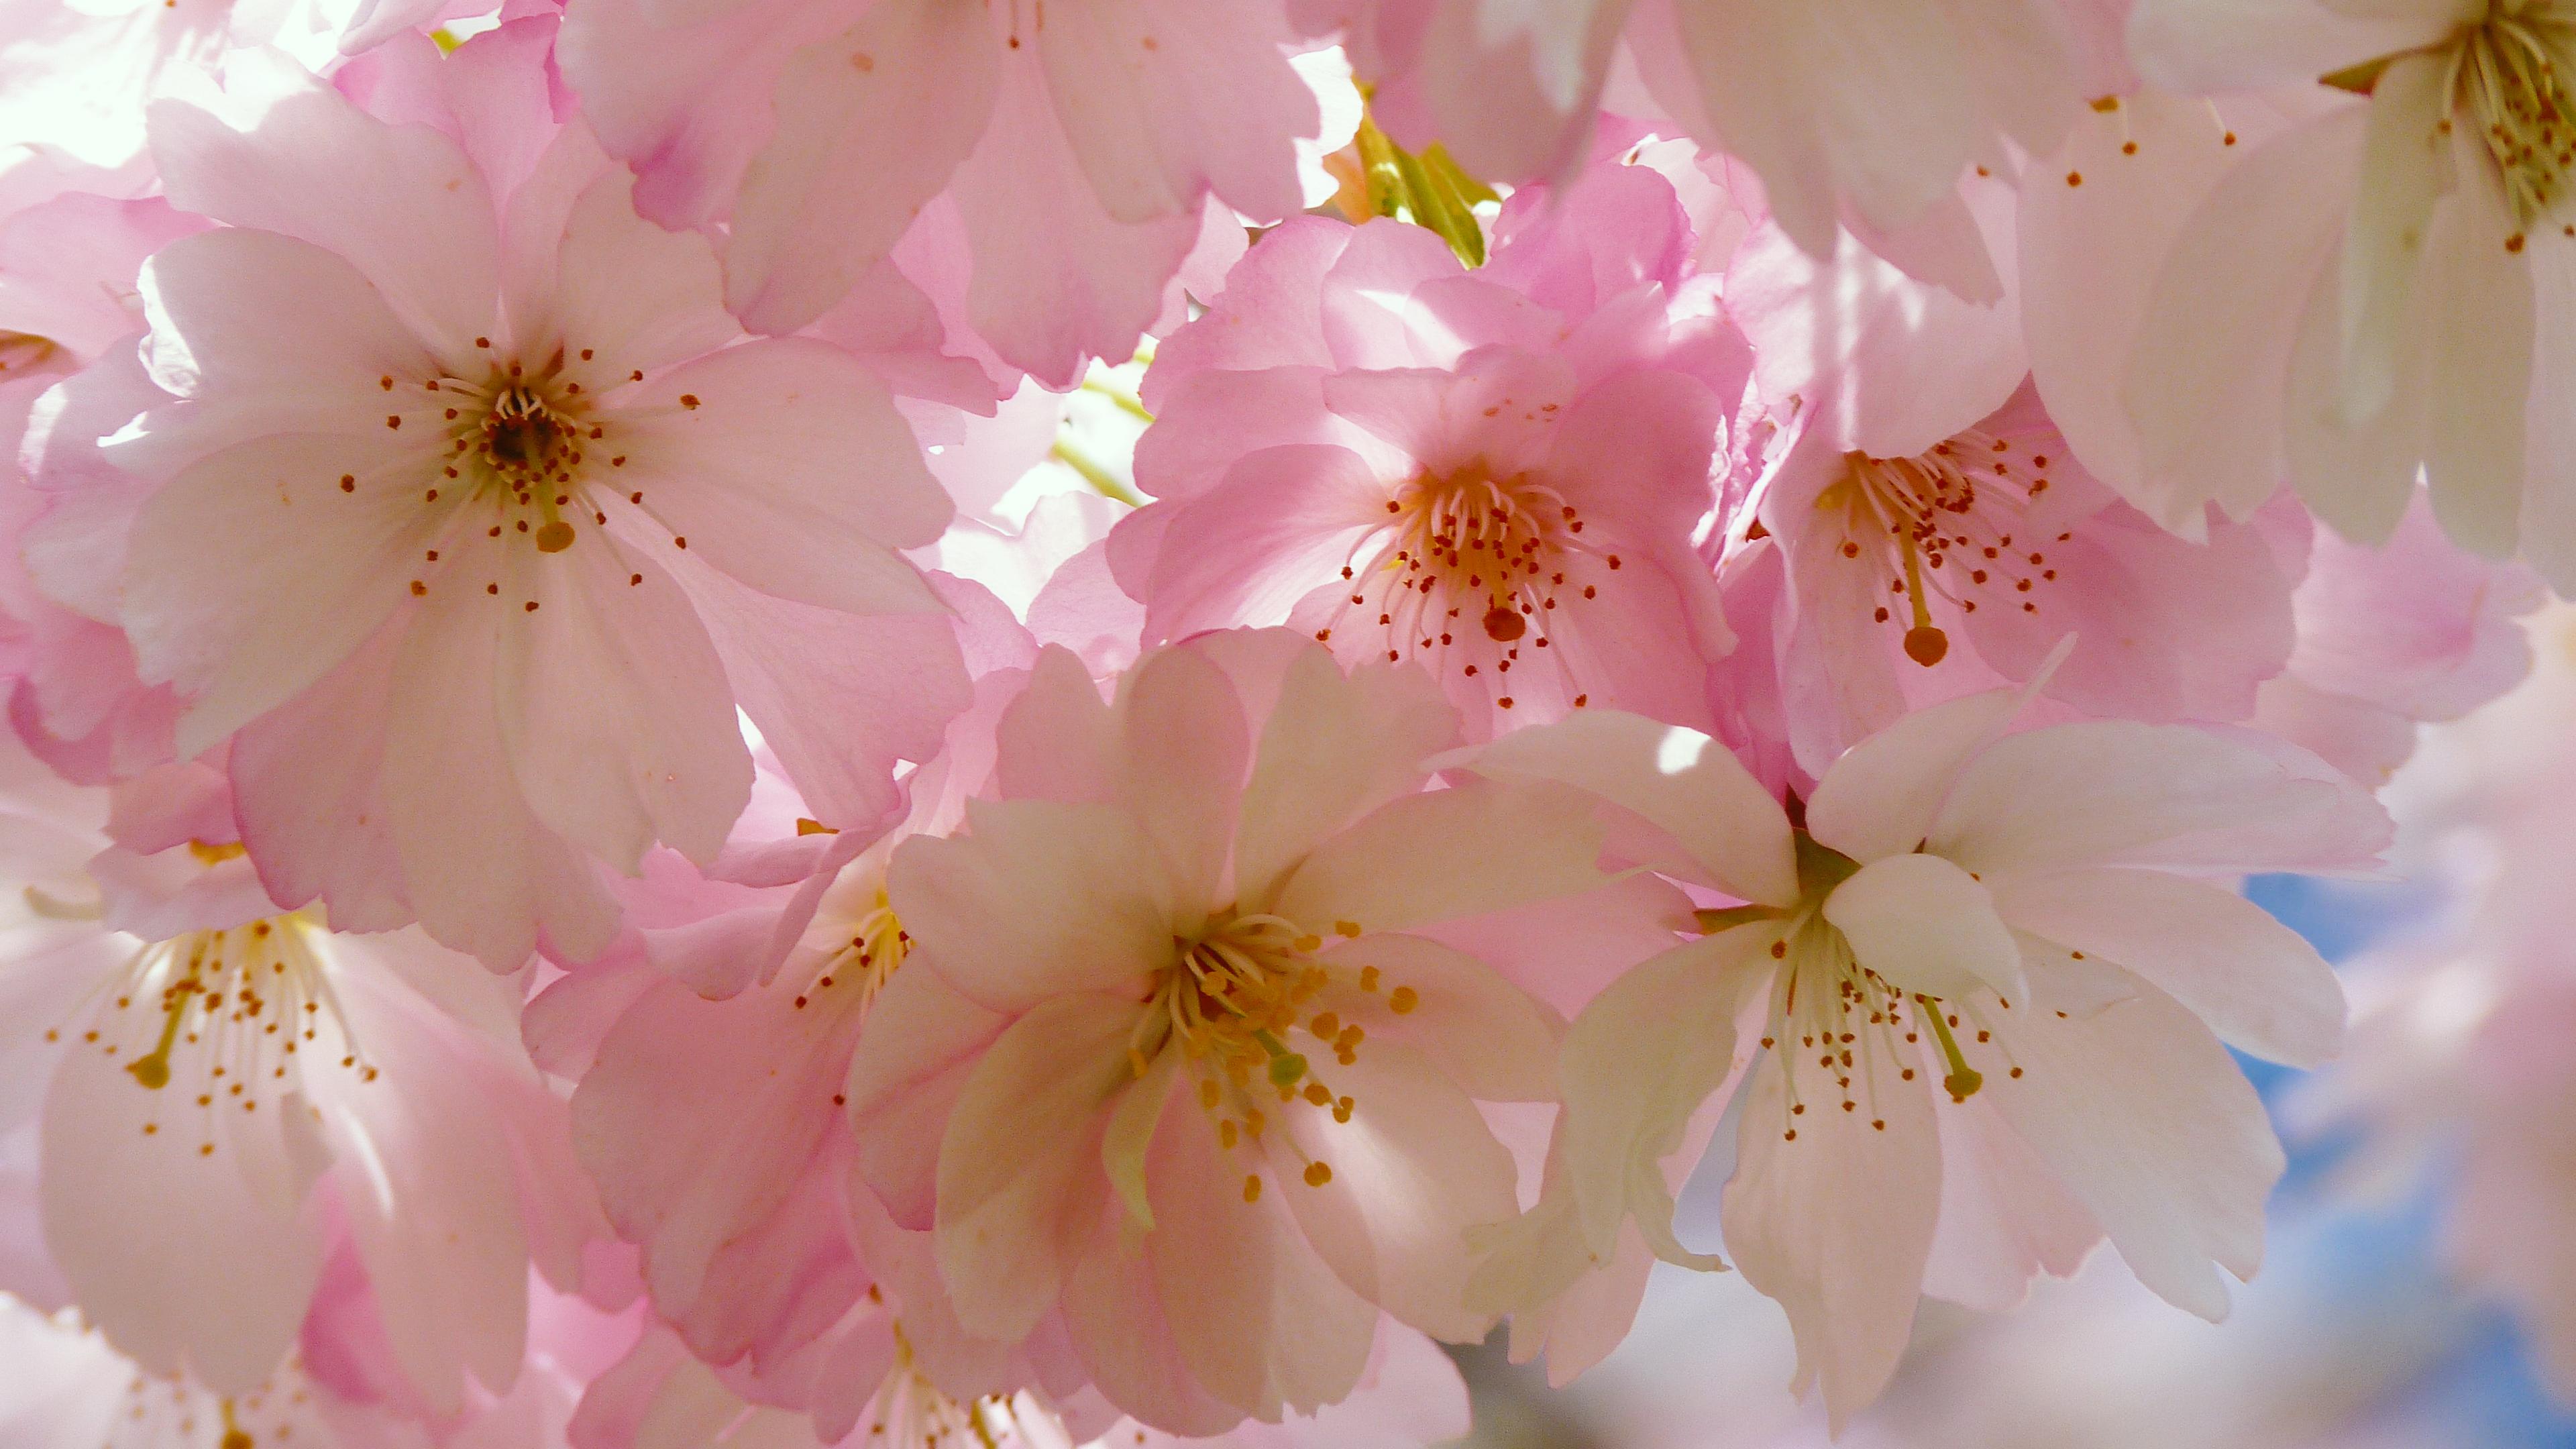 4k Japanese Cherry Blossom Wallpaper Hd